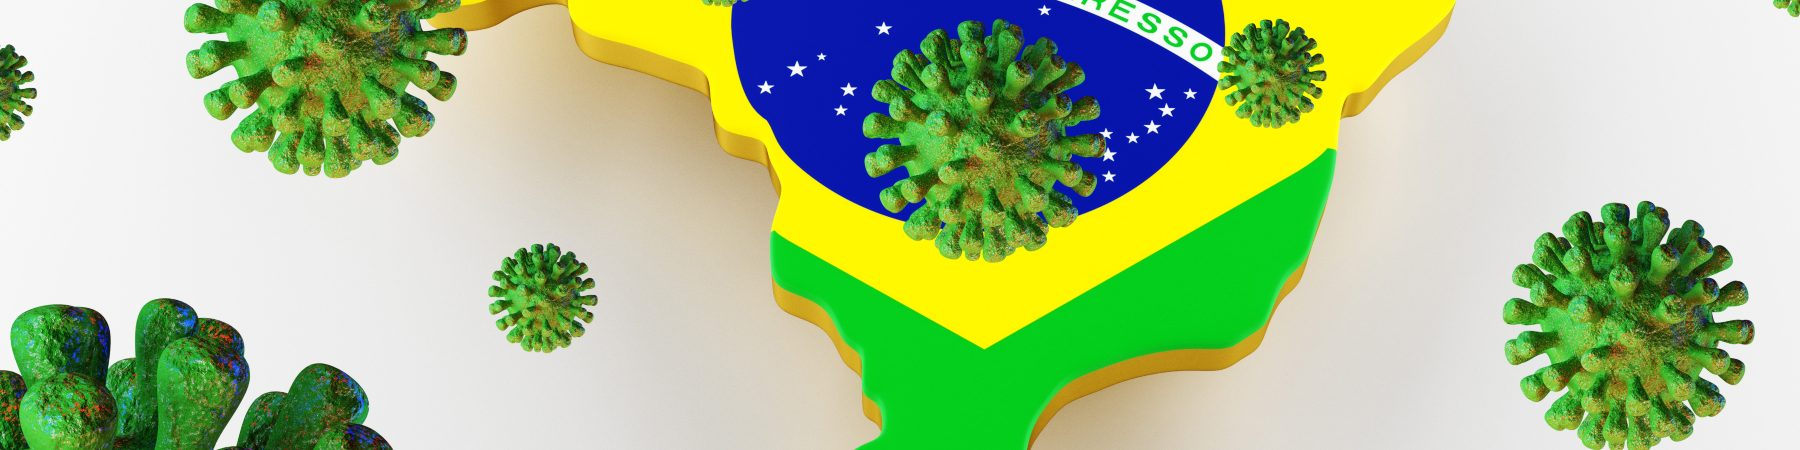 Brazil map of the coronavirus